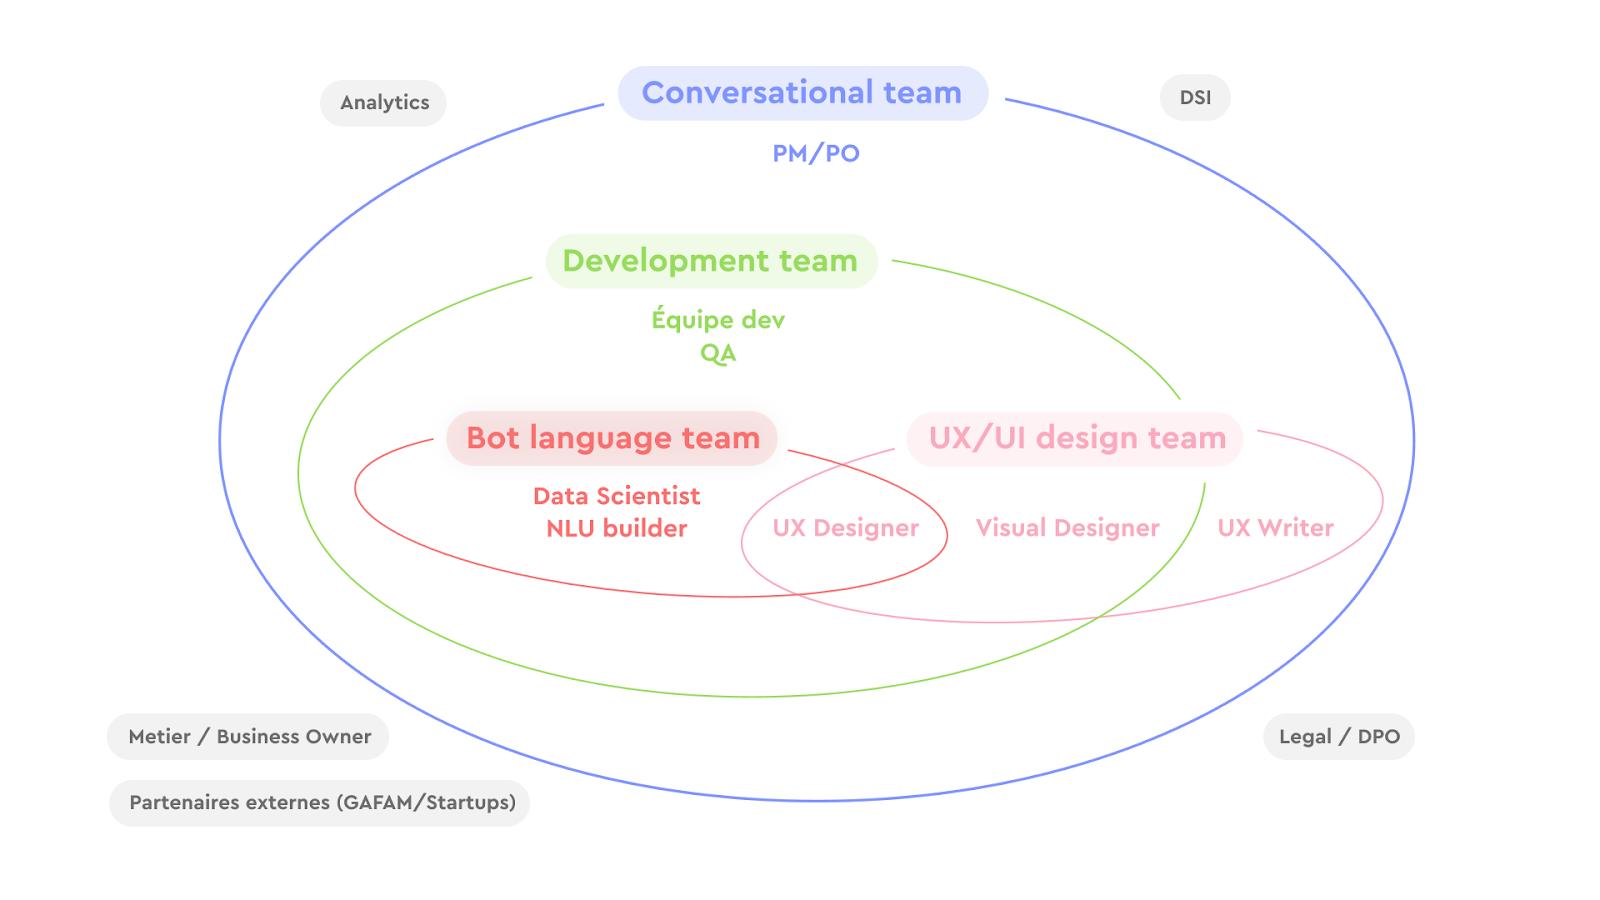 Écosystème d'une équipe conversationnelle Speak UX!